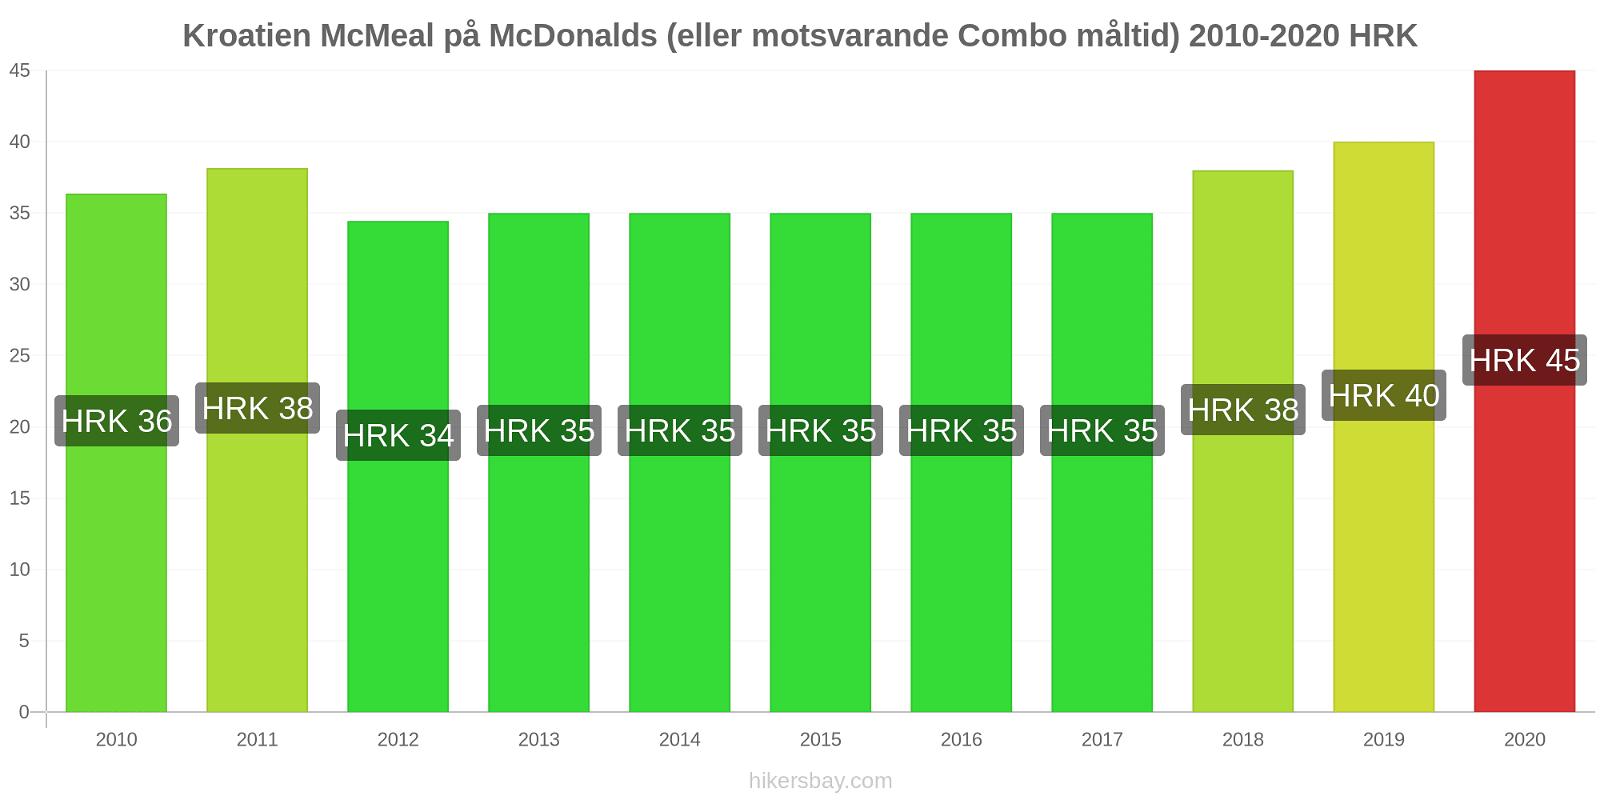 Kroatien prisförändringar McMeal på McDonalds (eller motsvarande Combo måltid) hikersbay.com